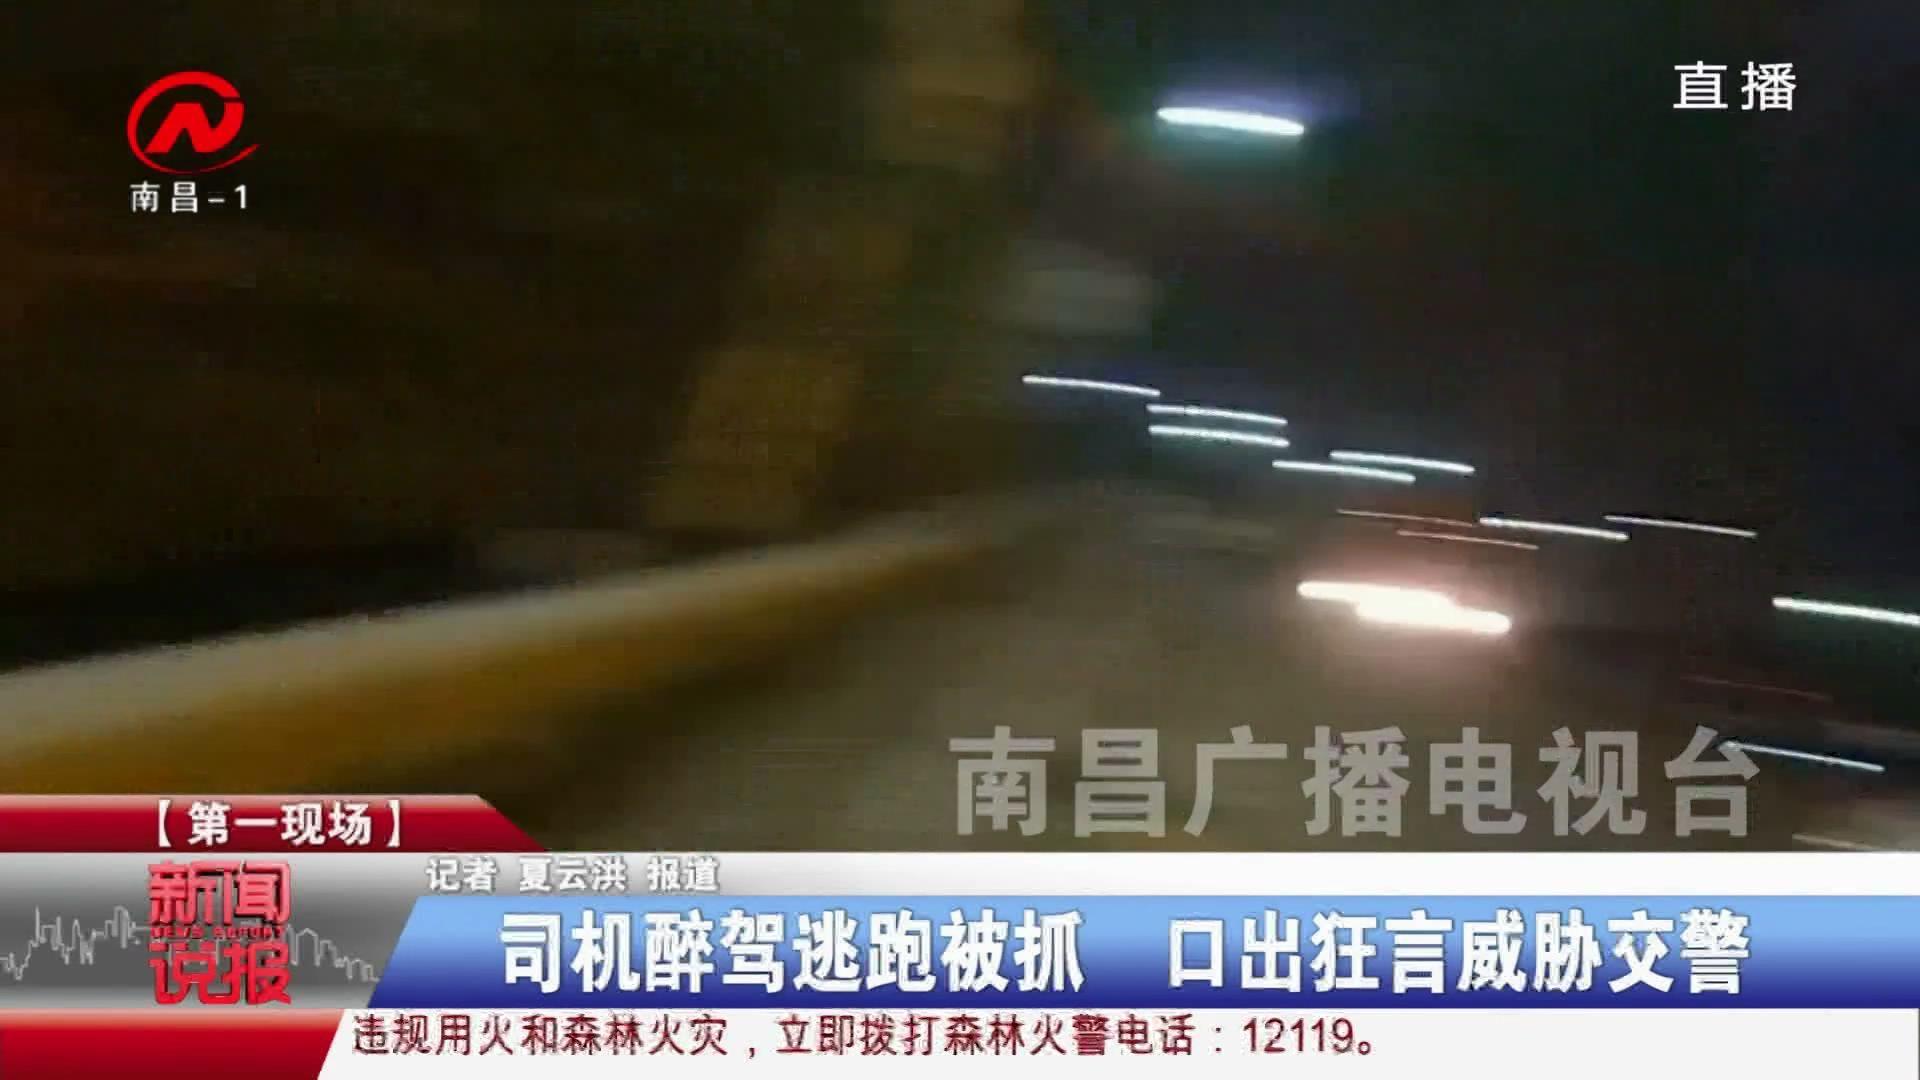 司机醉驾逃跑被抓  口出狂言威胁交警